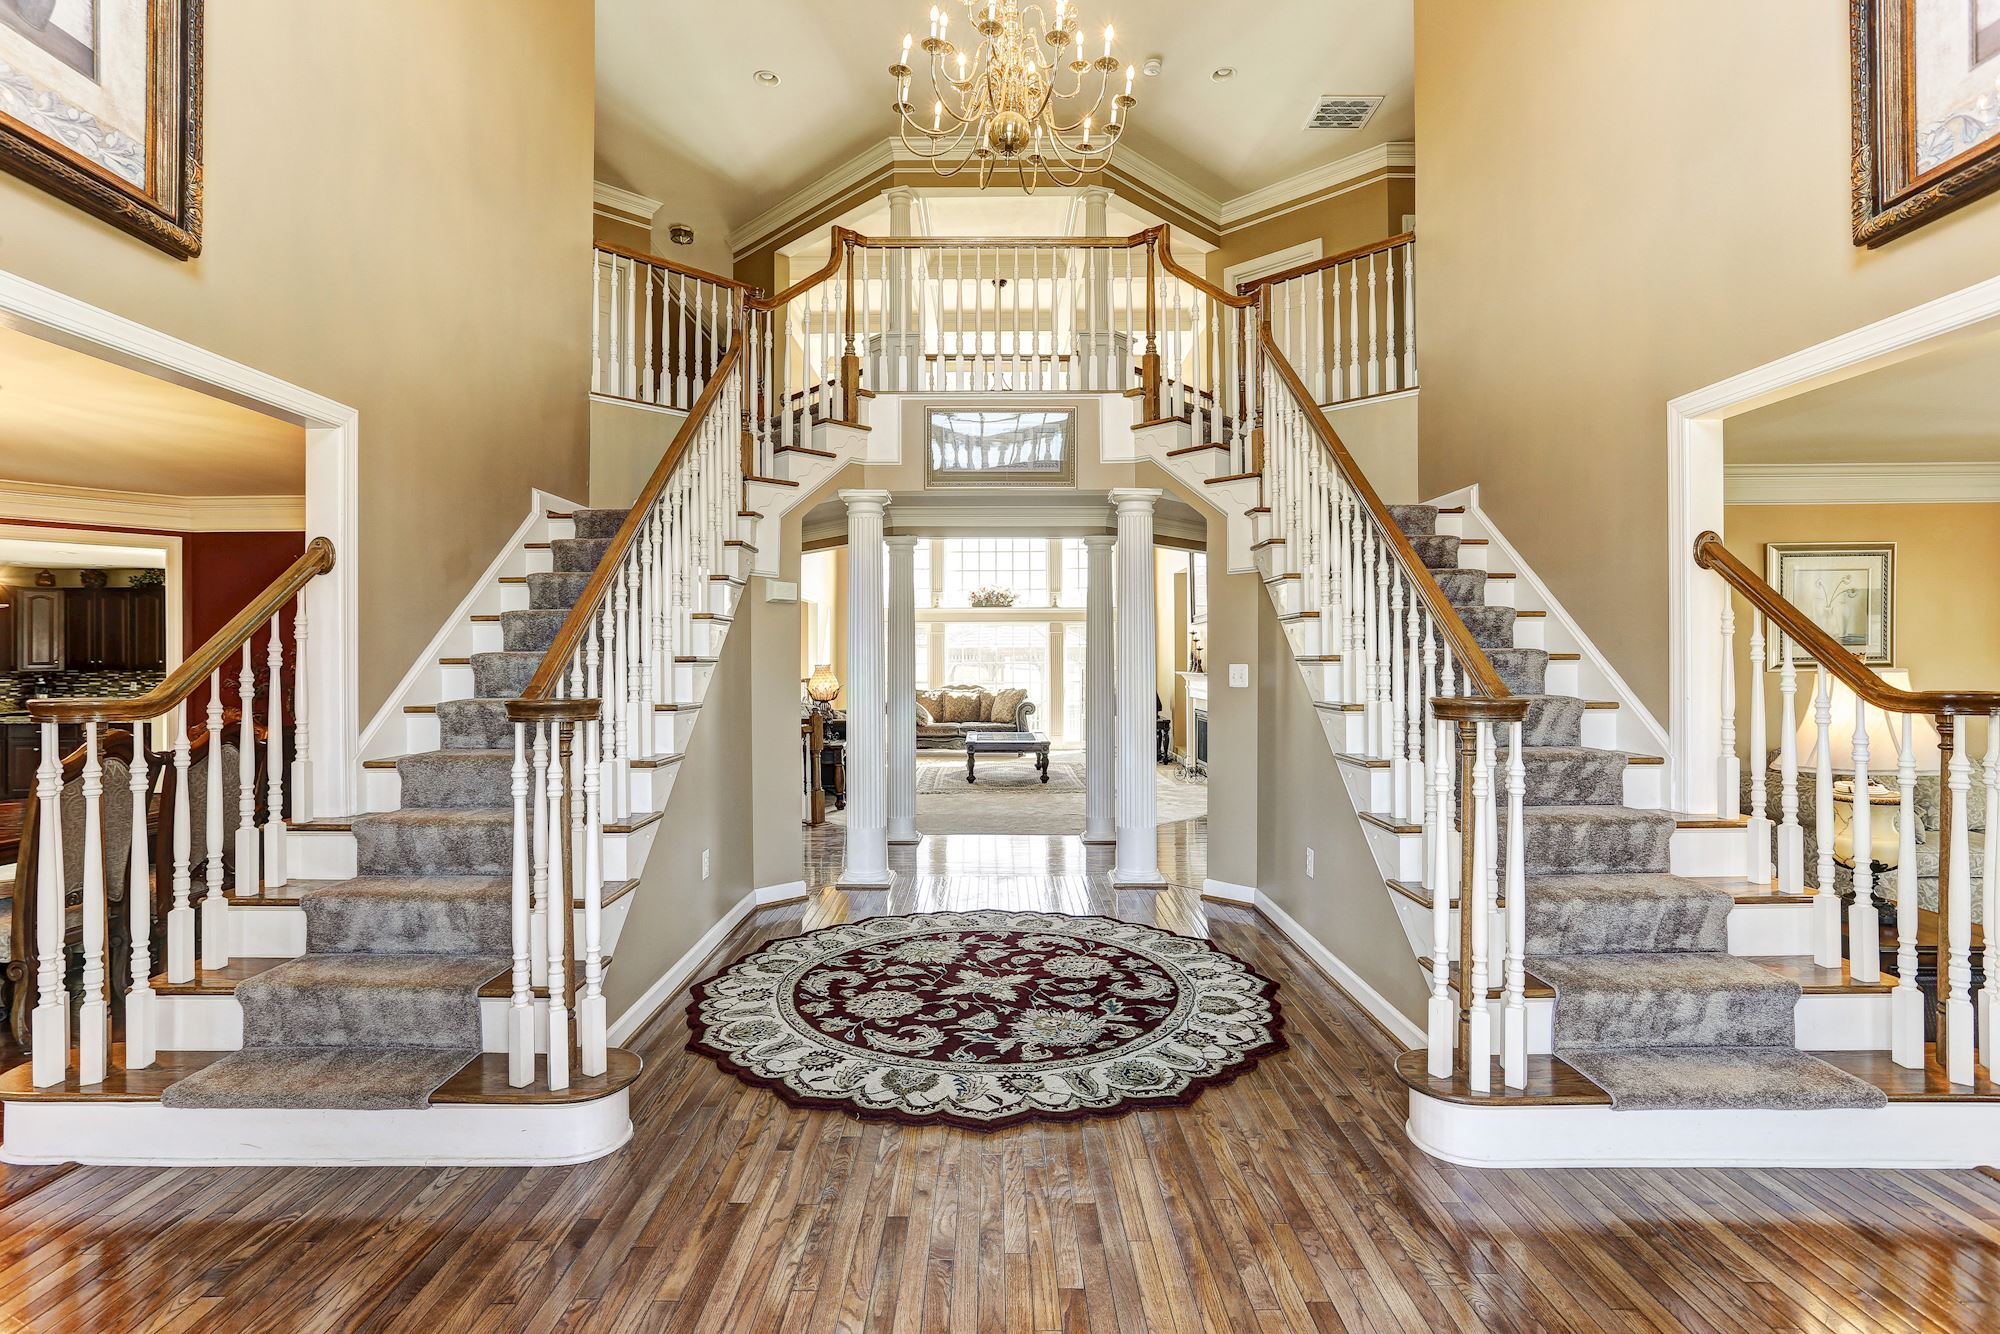 Grand Foyer Xl : Denit estates dr brookeville md